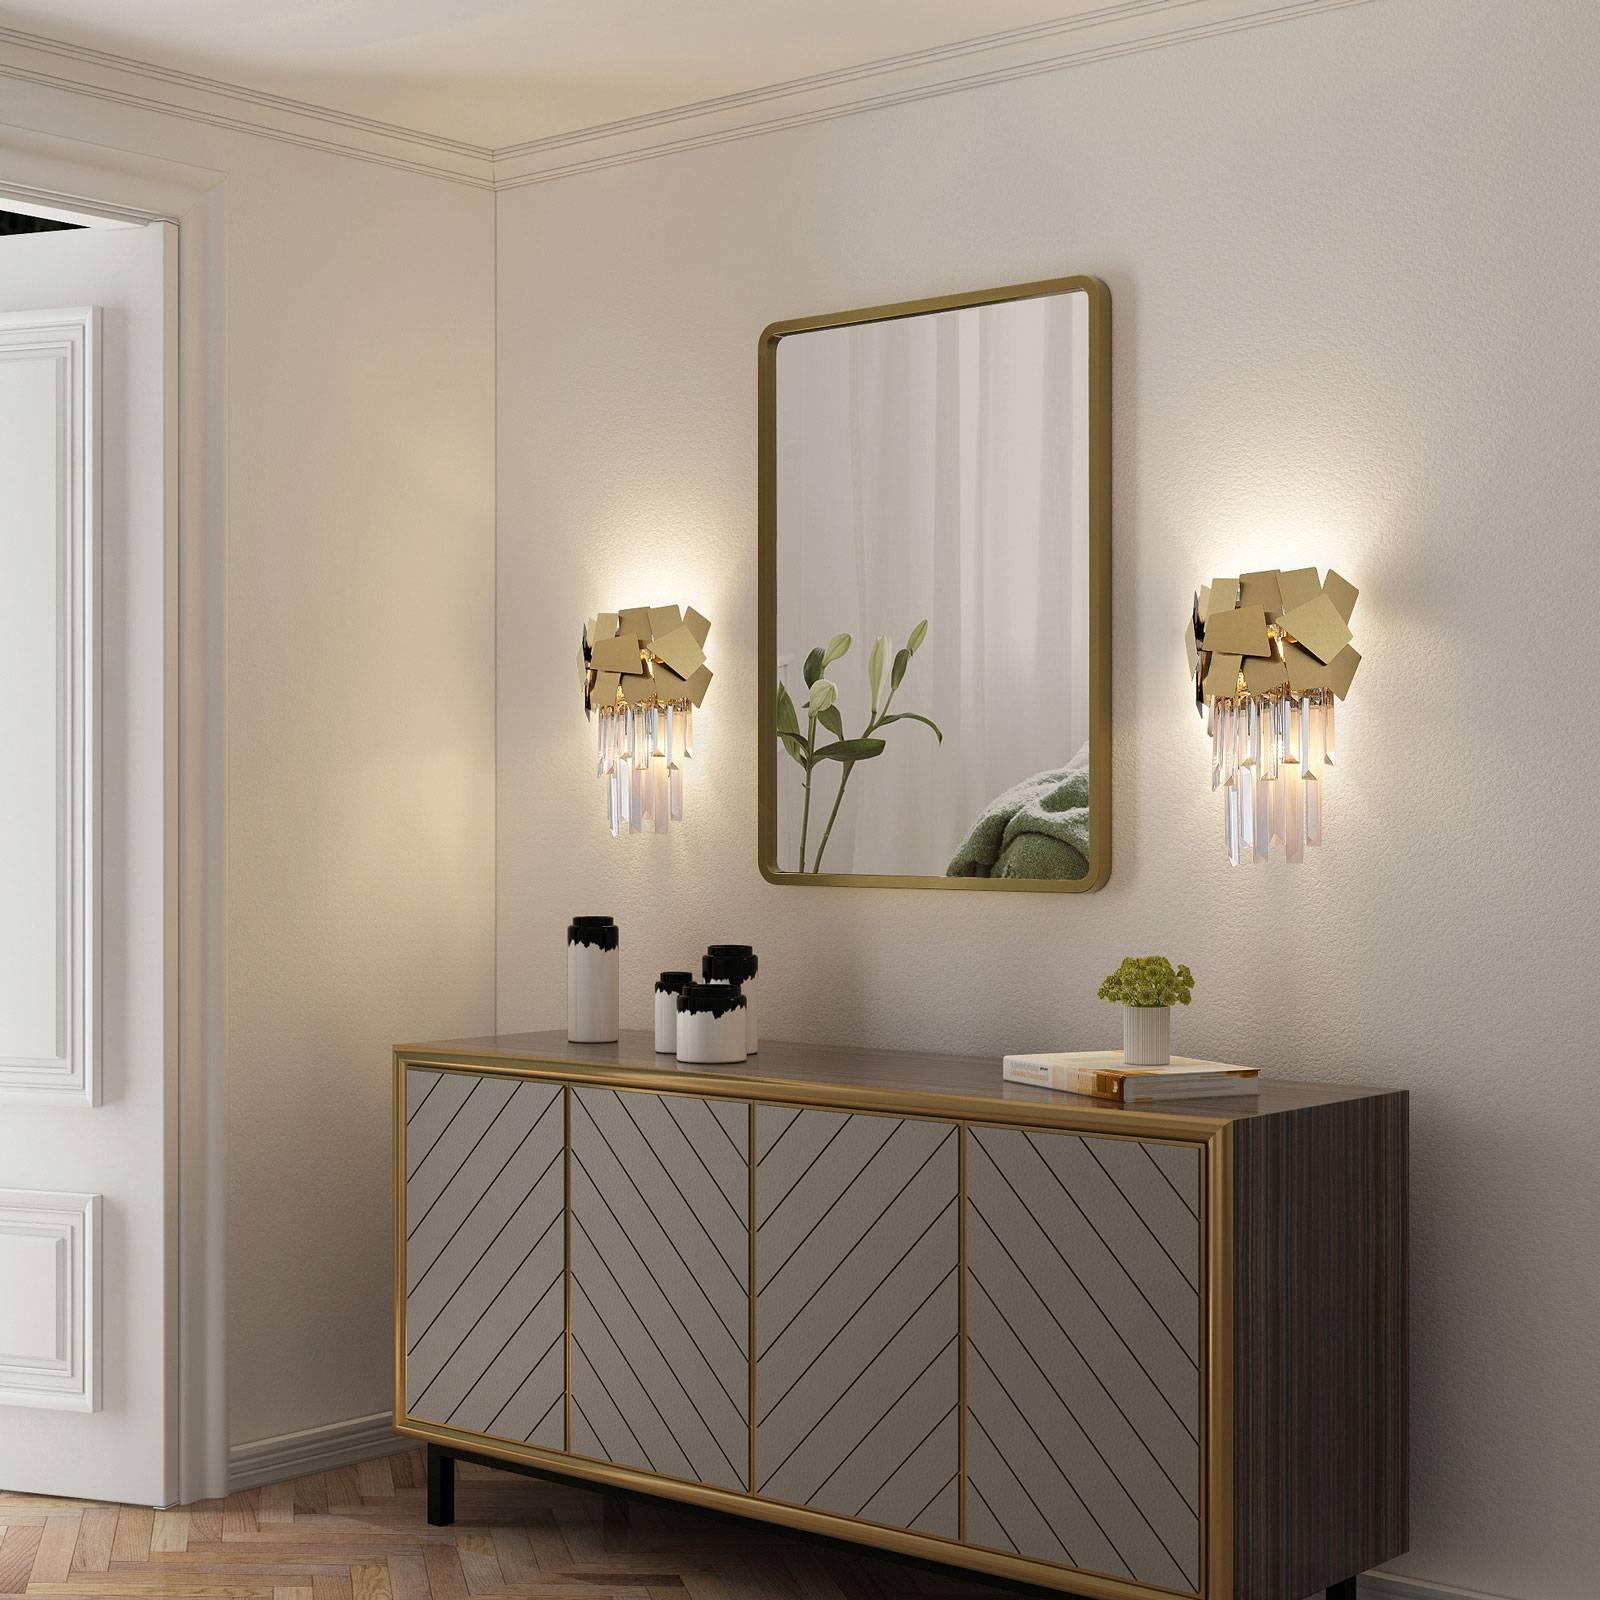 Lucande Miraia applique en cristal, dorée